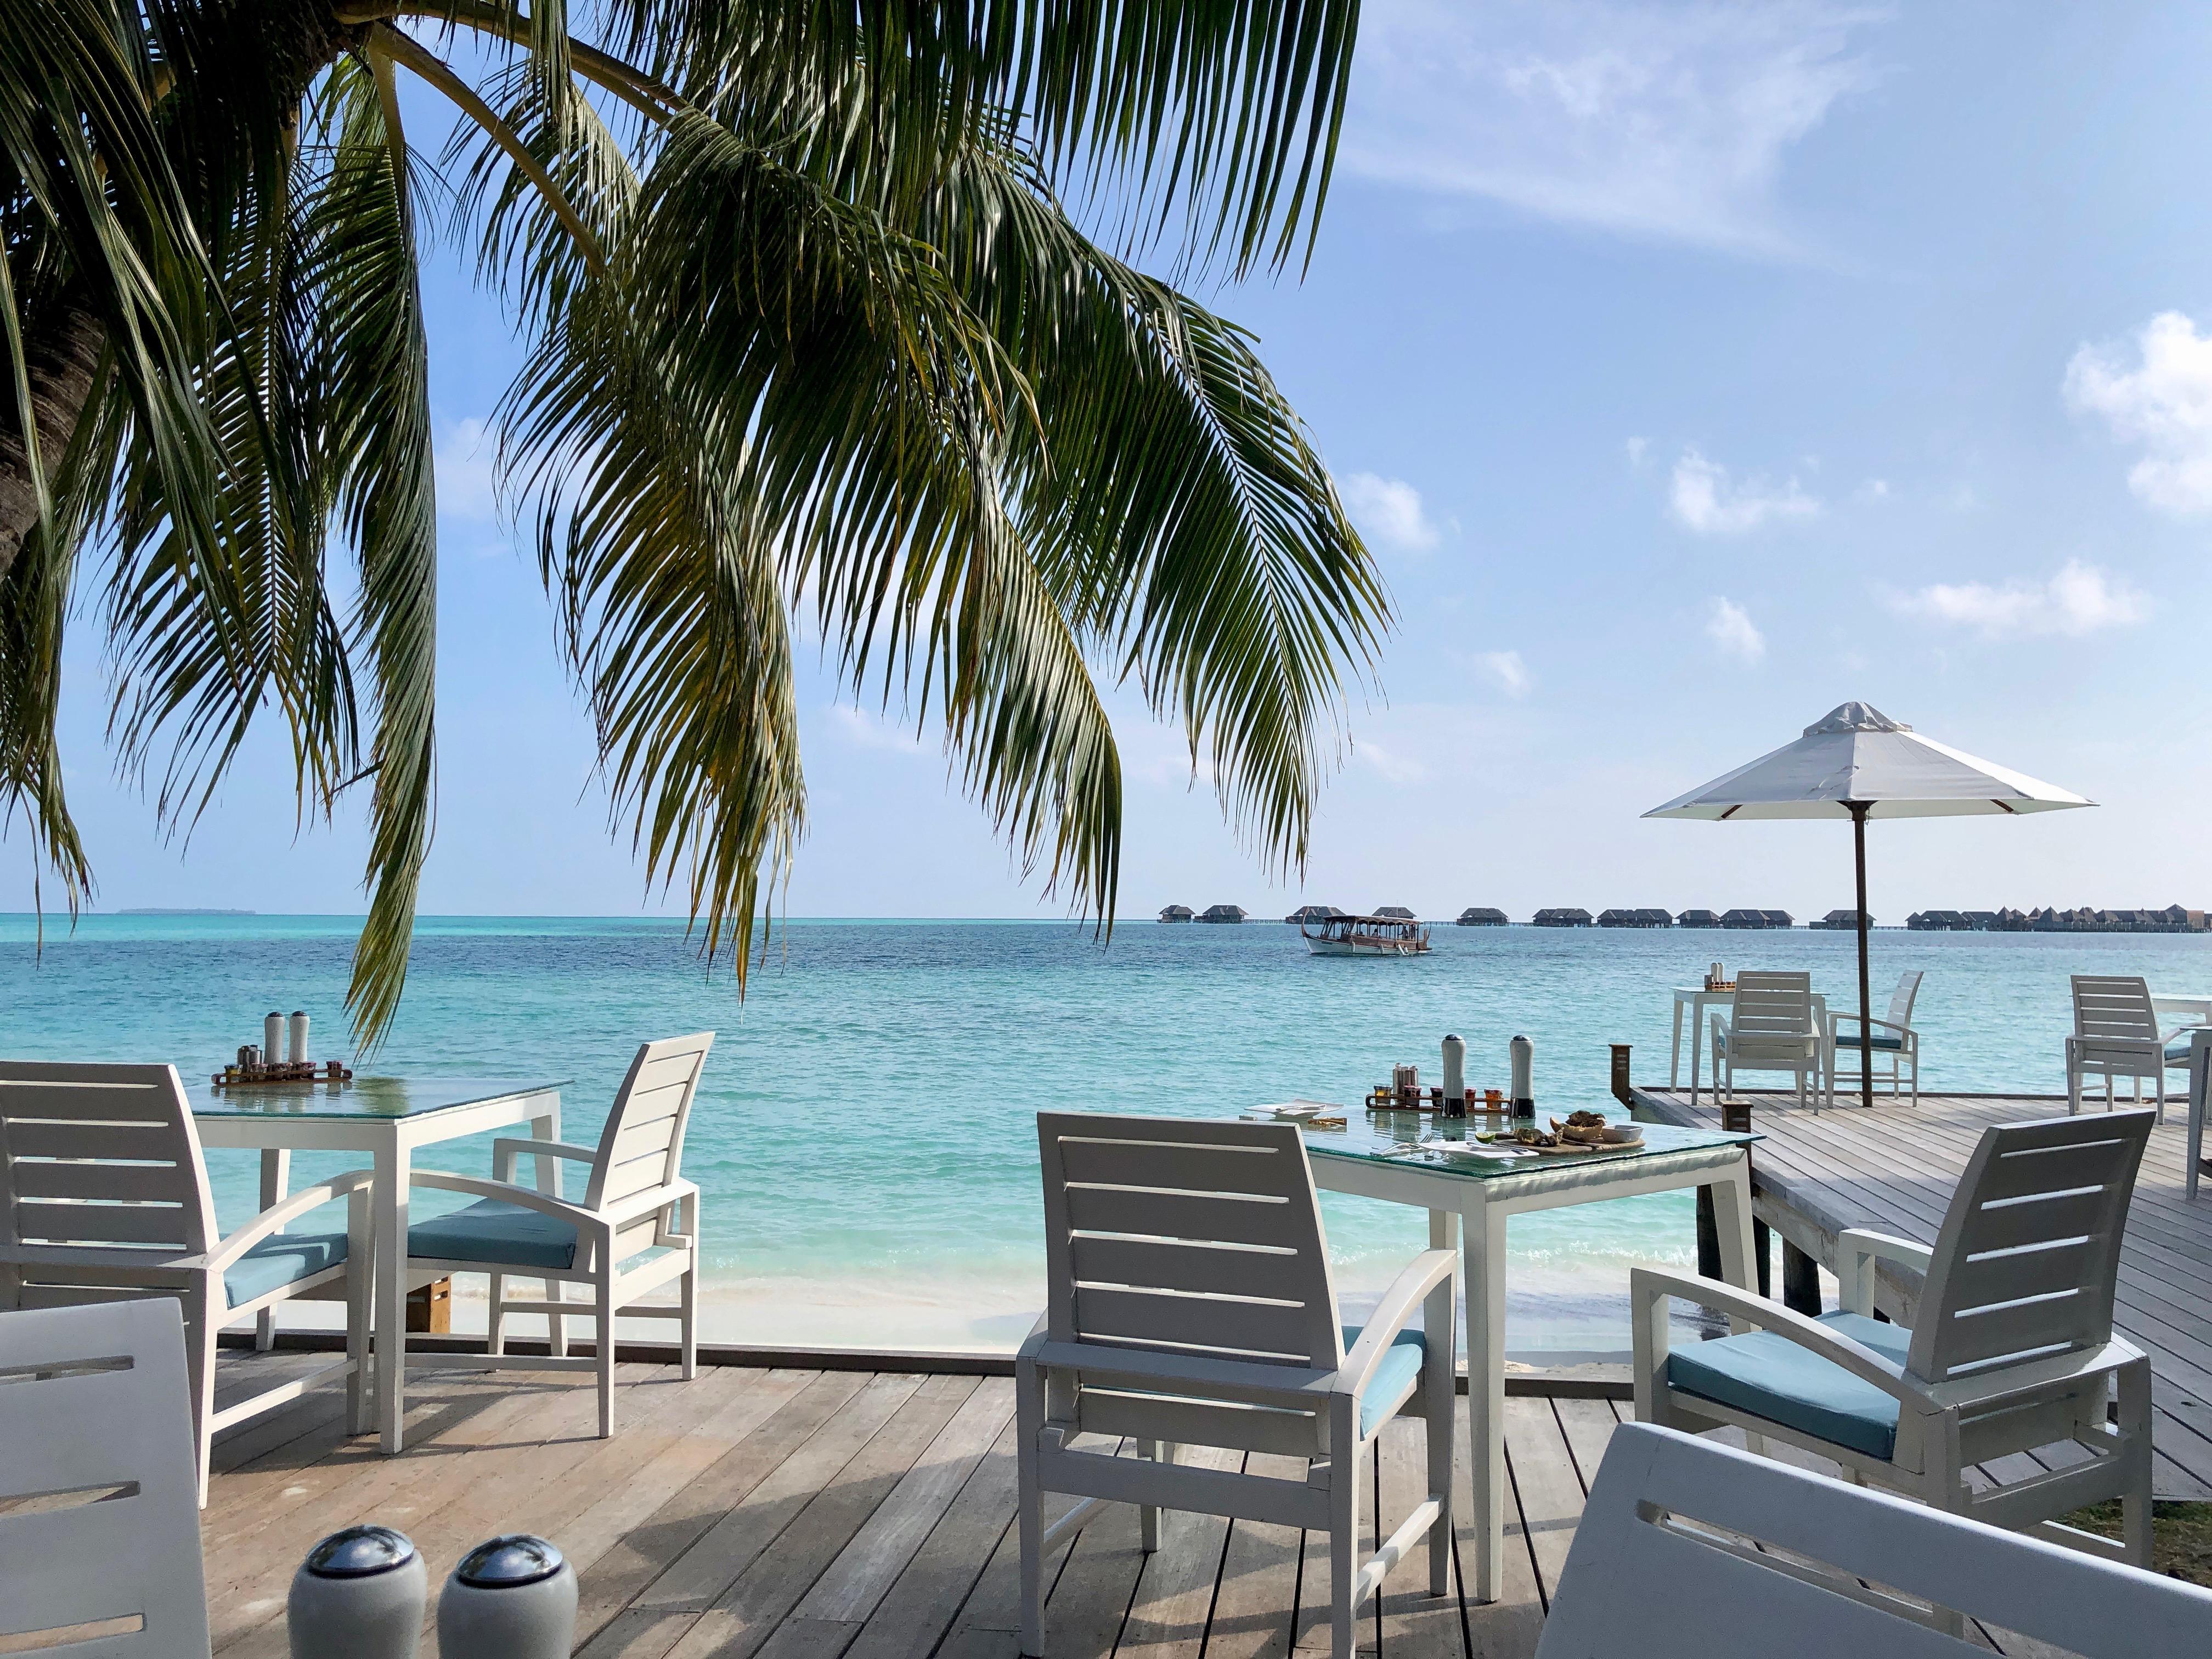 Conrad Maldives Vilu Restaurant